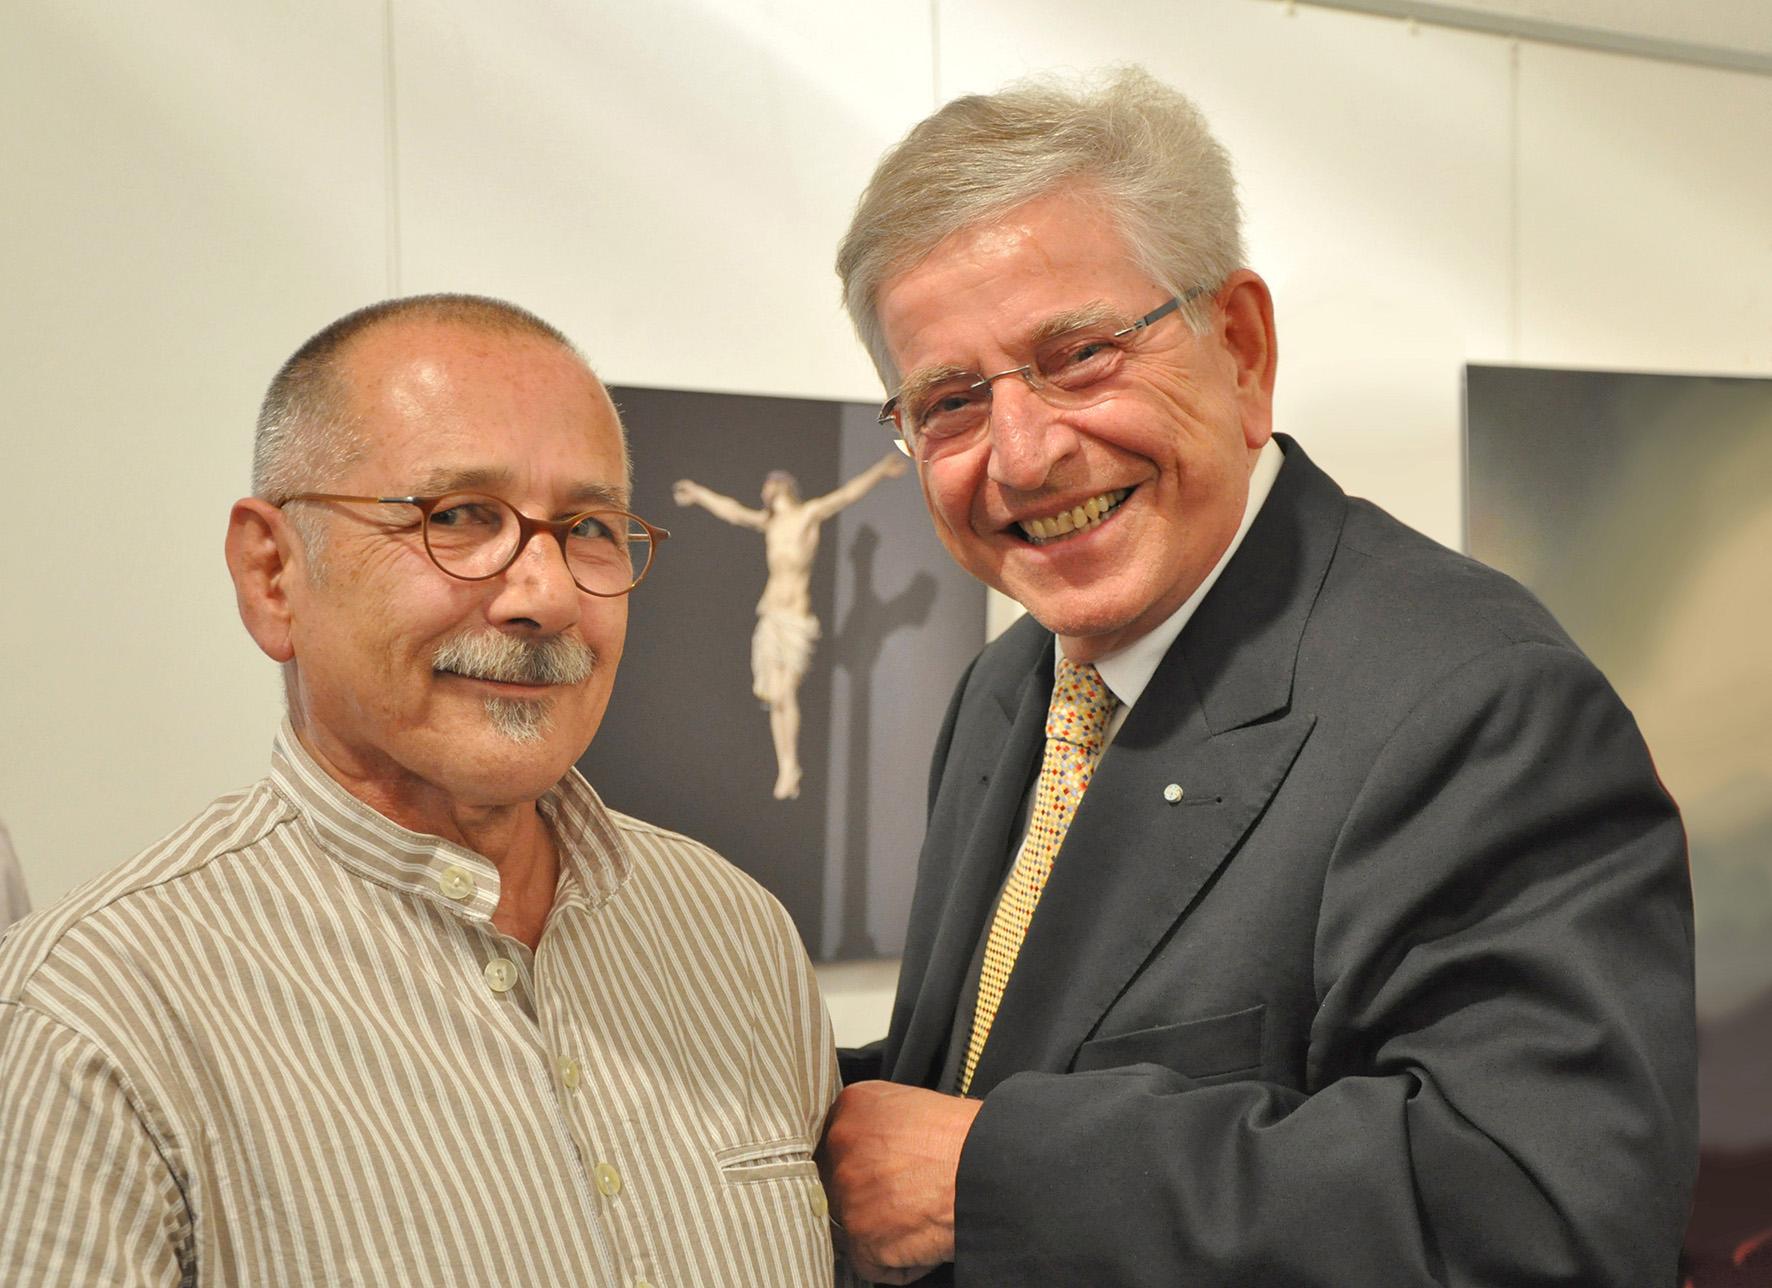 Heiner Beyer und Dr. Thomas Goppel